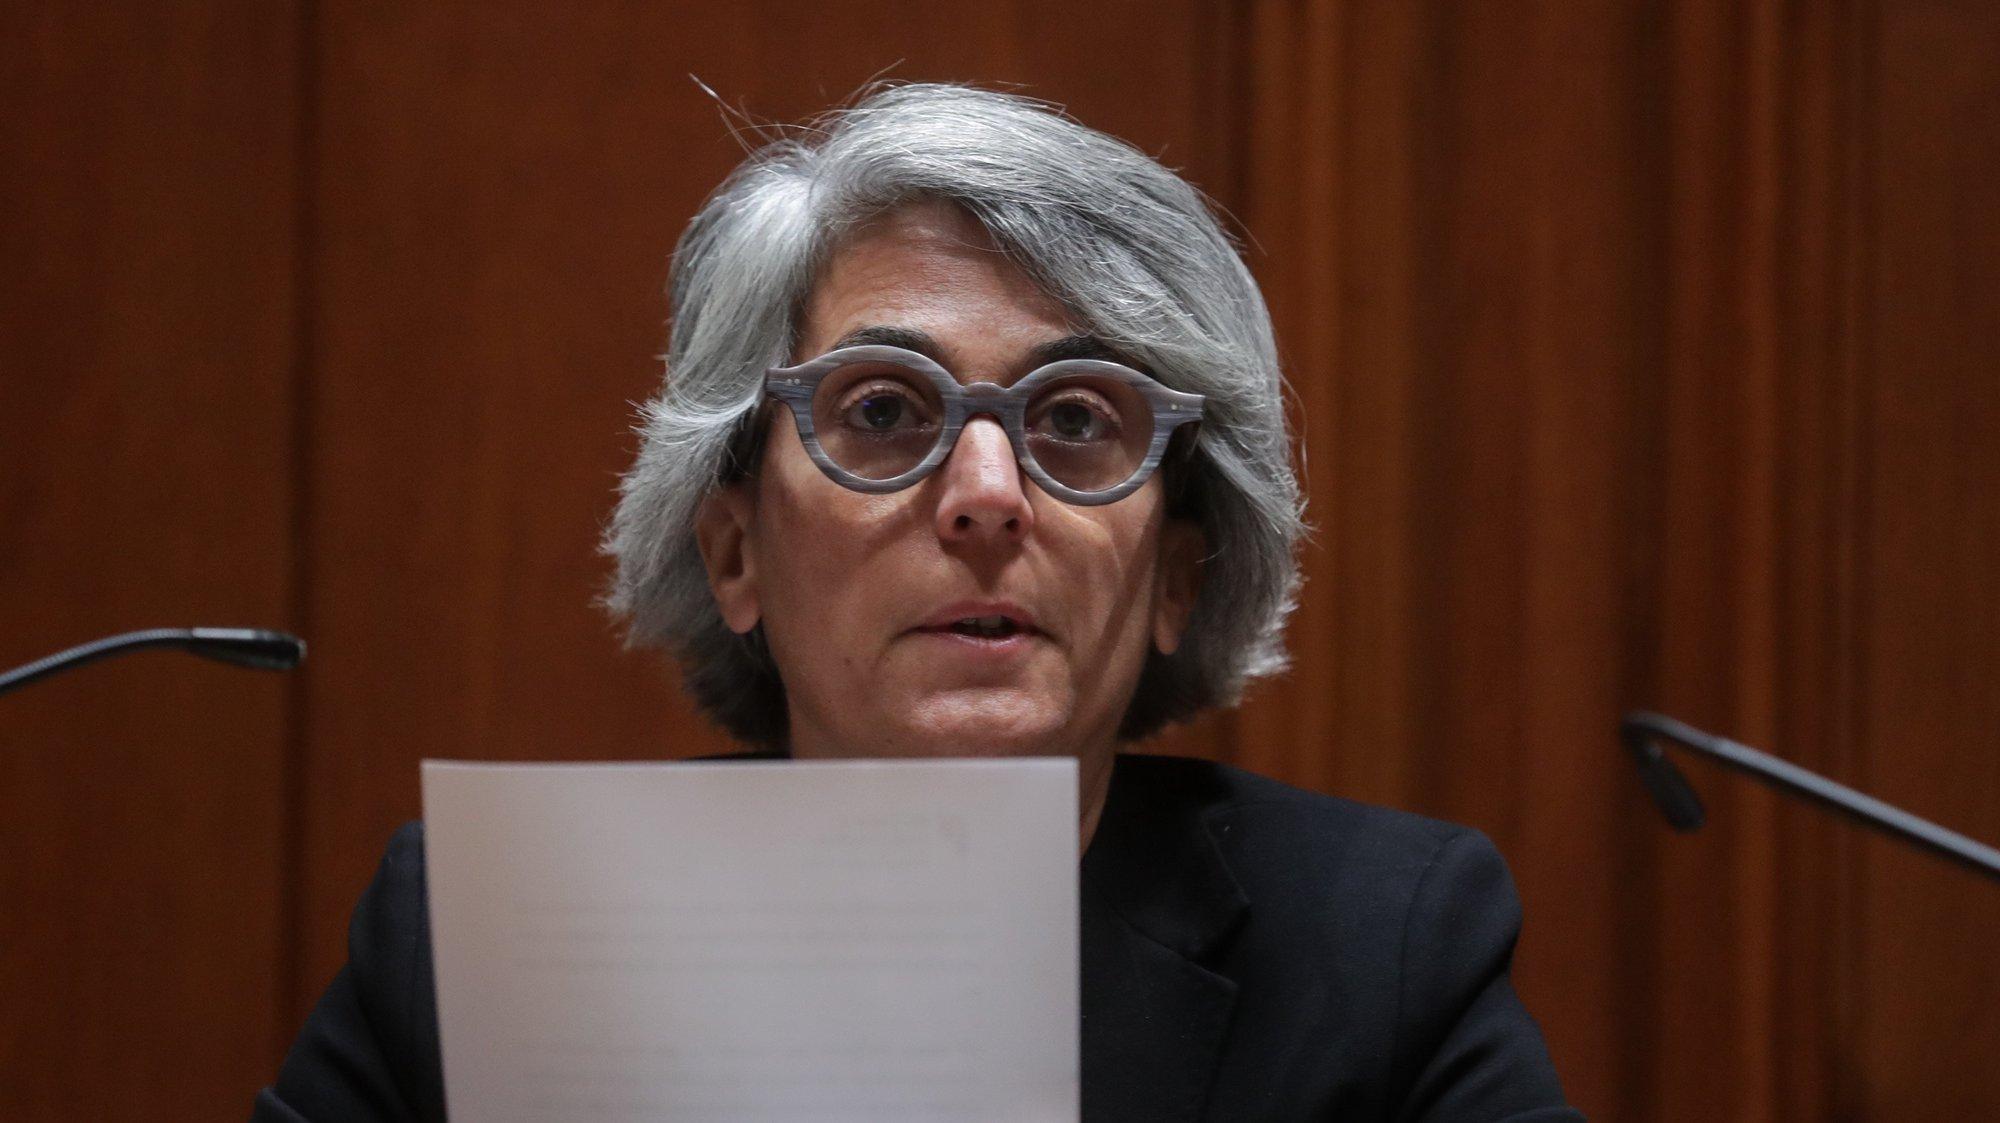 A ministra da Cultura, Graça Fonseca, intervém durante a sua audição na Comissão de Orçamento e Finanças, na Assembleia da República, em Lisboa, 09 de novembro de 2020. TIAGO PETINGA/LUSA